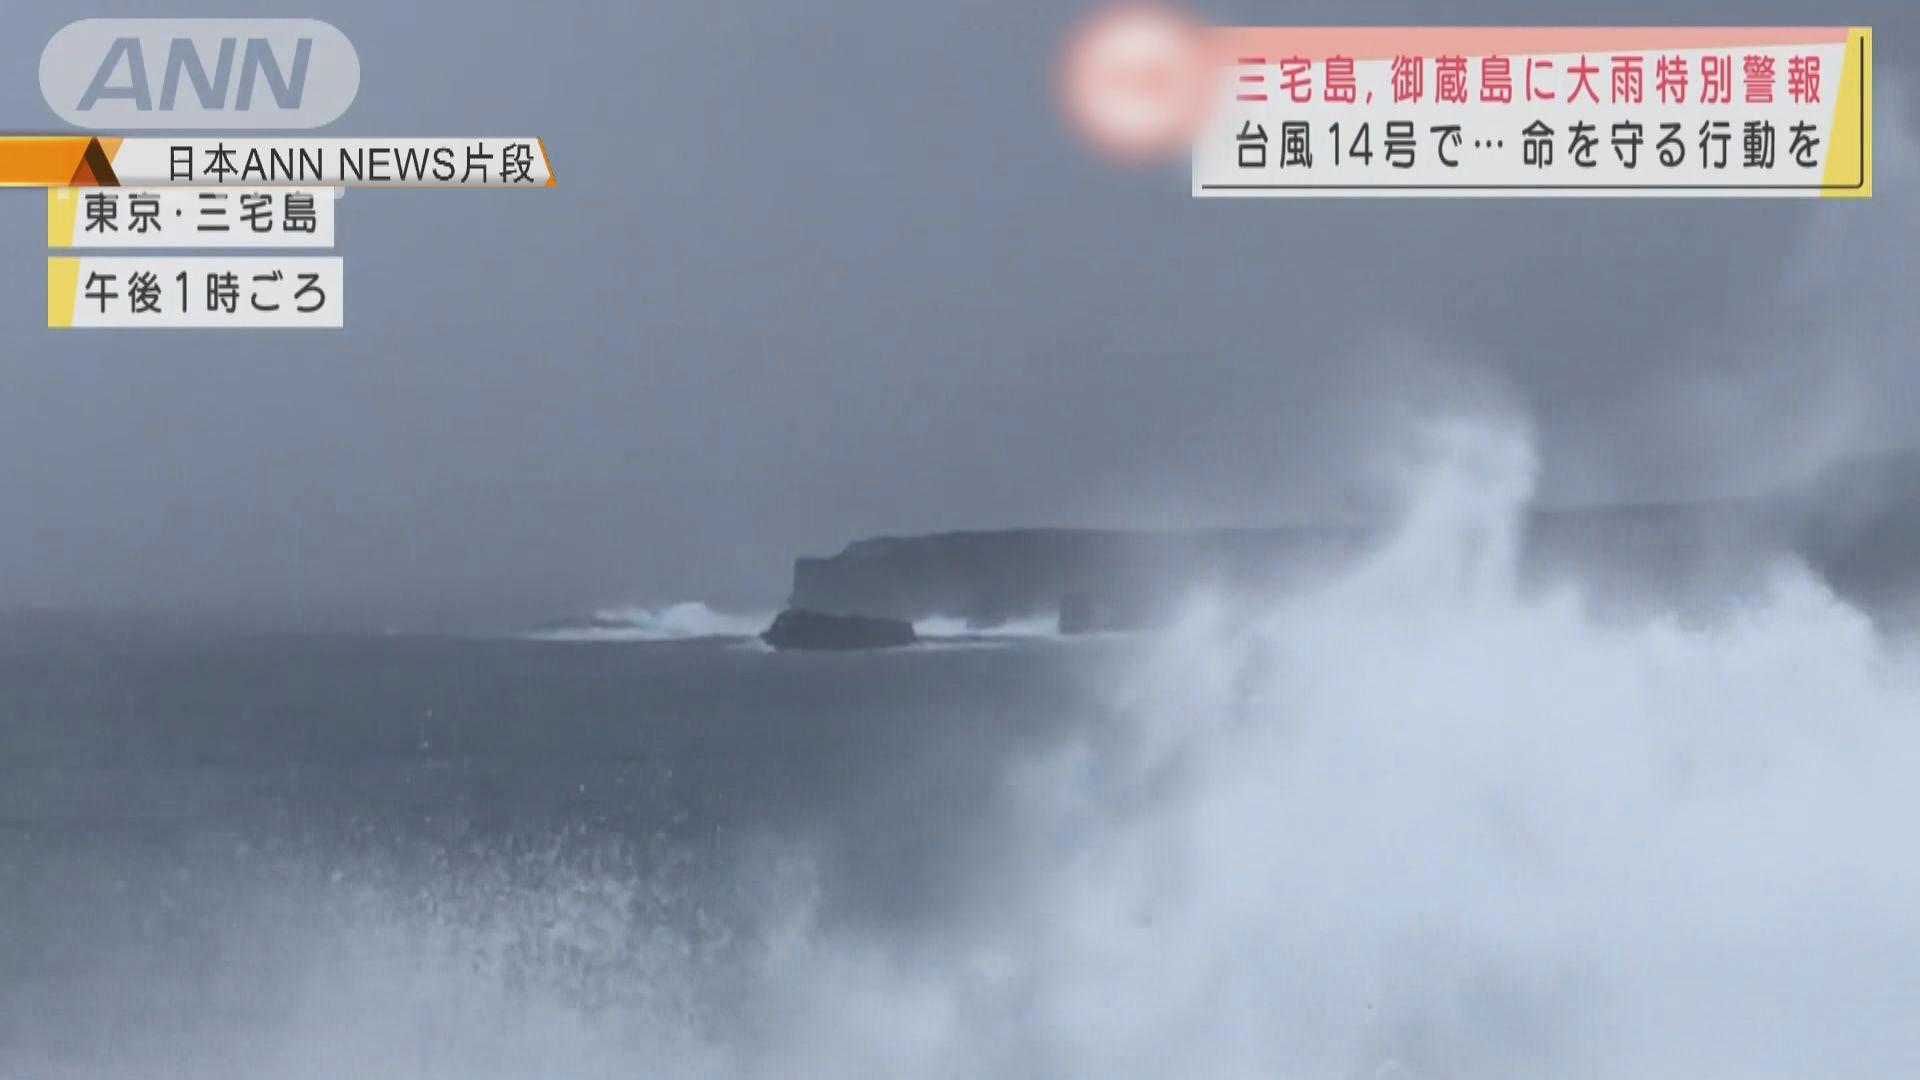 強烈熱帶風暴燦鴻橫過日本南部